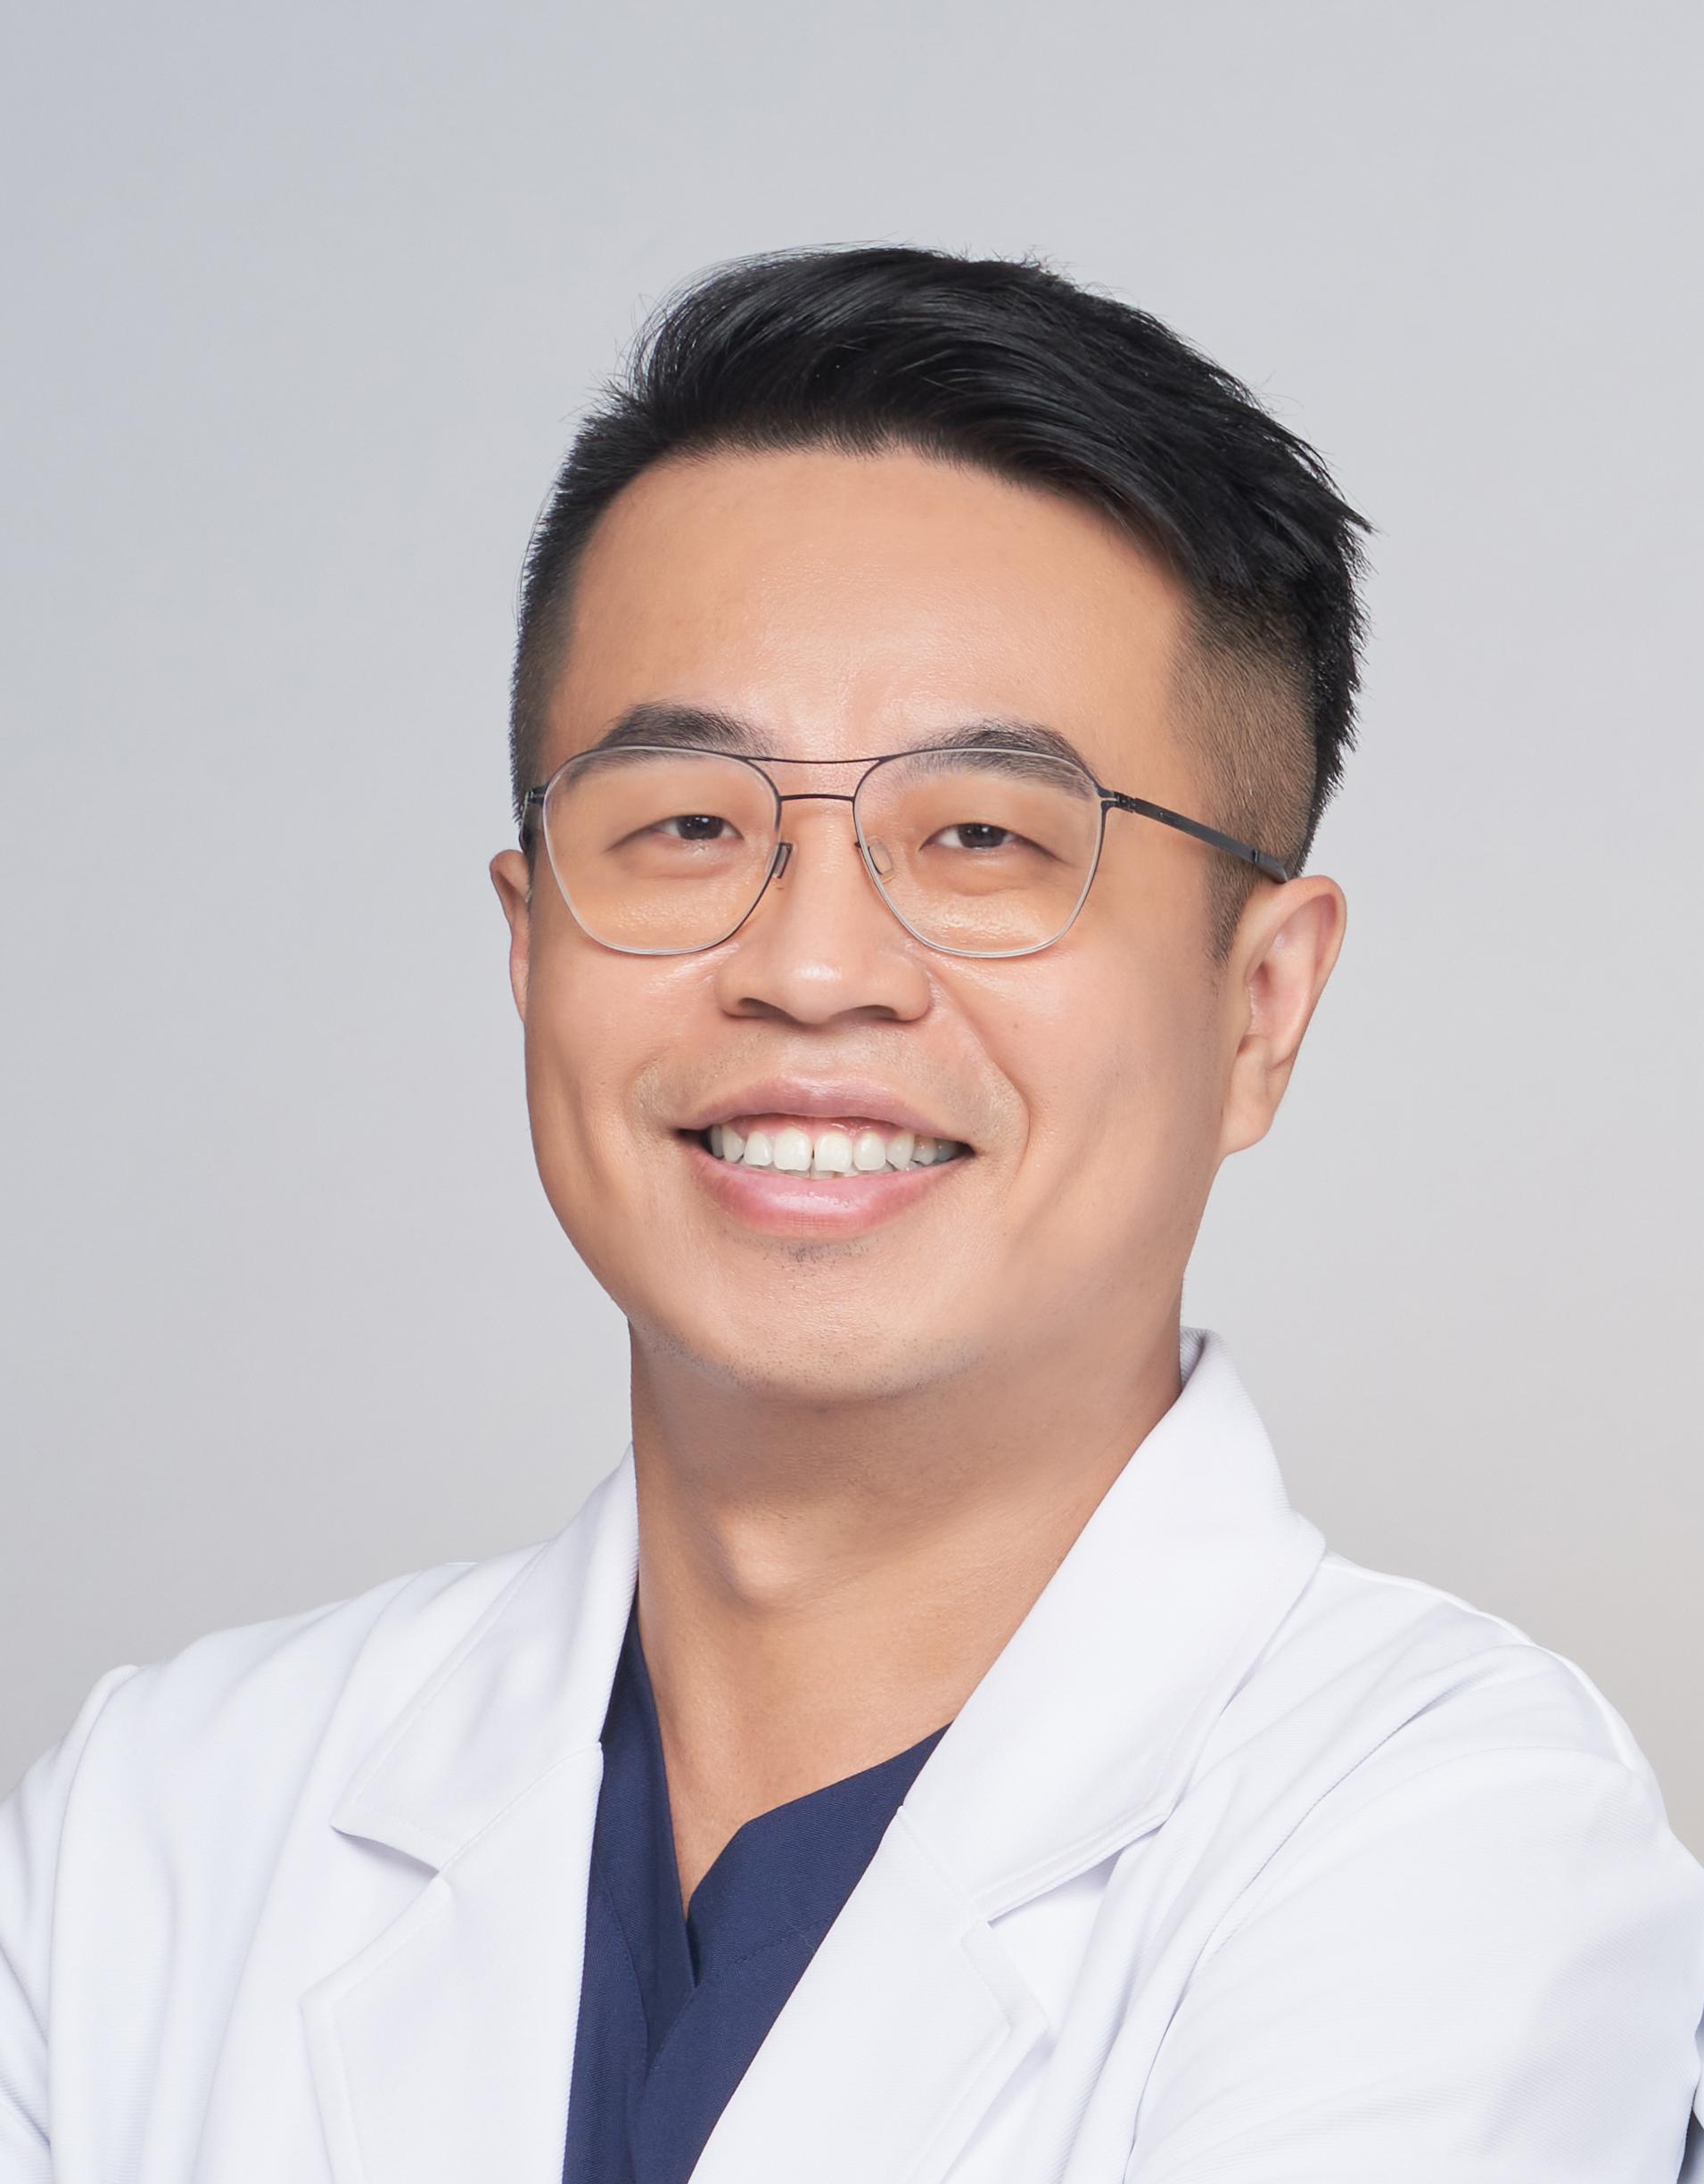 蕭煜倫醫師